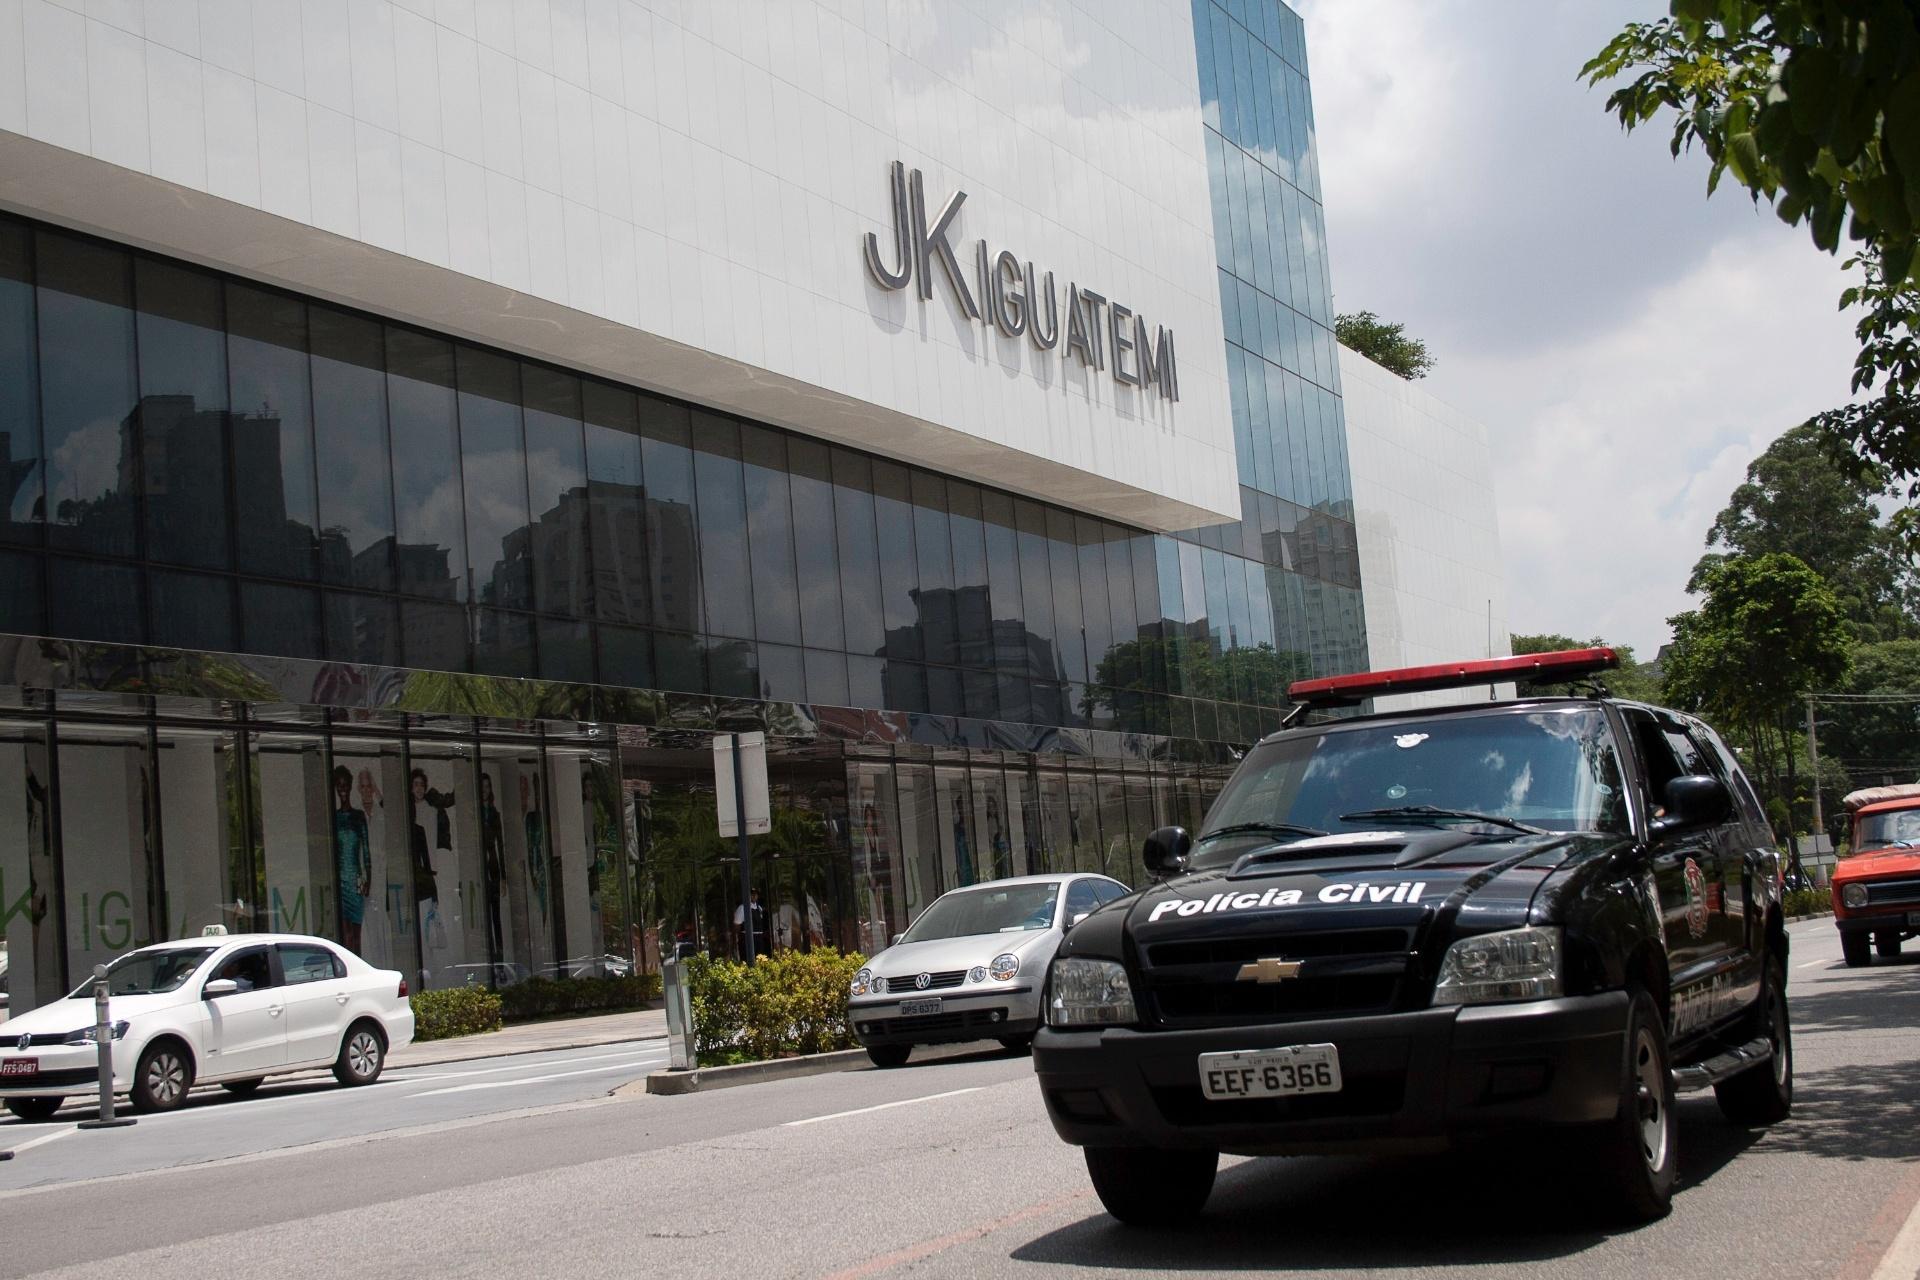 18.jan.2014 - Segurança é reforçada em frente ao Shopping JK Iguatemi, na zona sul de São Paulo, por conta do evento intitulado